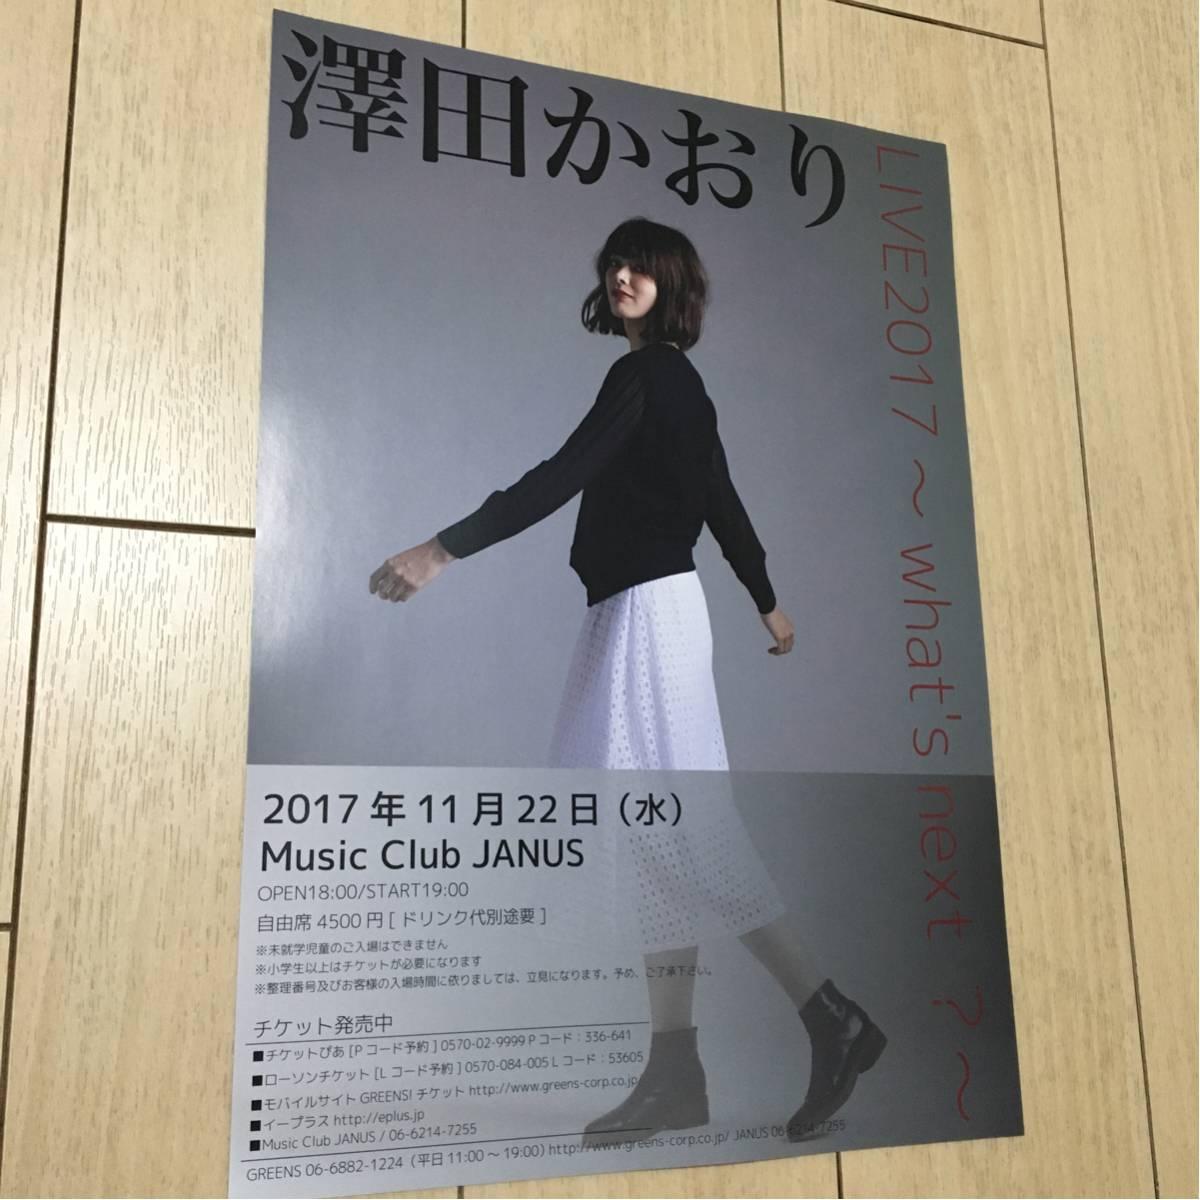 澤田かおり ライブ 告知 チラシ コンサート live 2017 what's next 大阪 music club janus シンガーソングライター